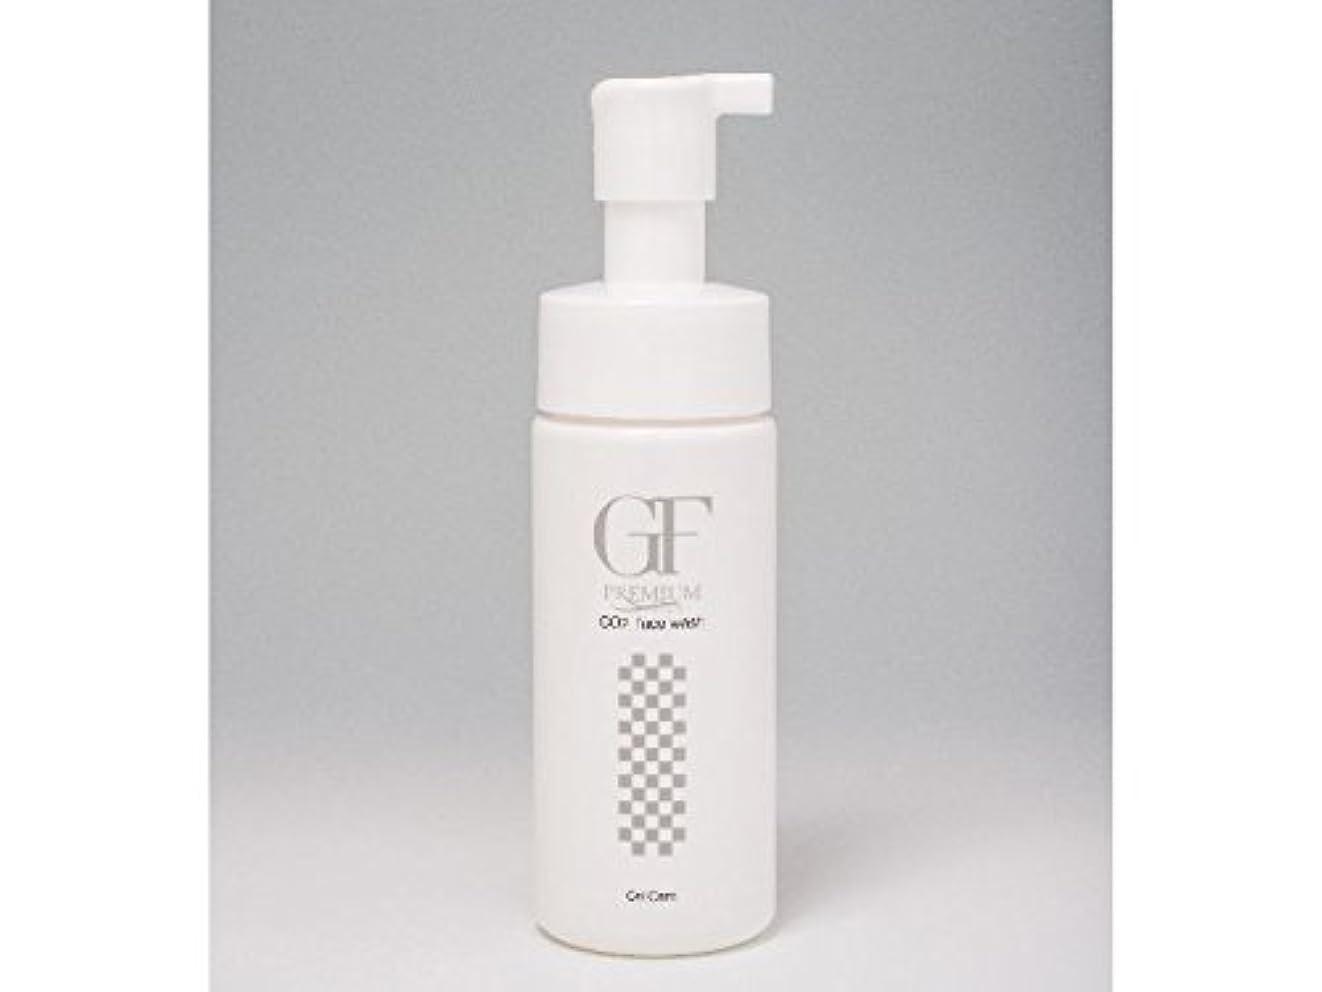 ぜいたく説教するベッドセルケア GFプレミアム EG炭酸洗顔フォーム 150ml